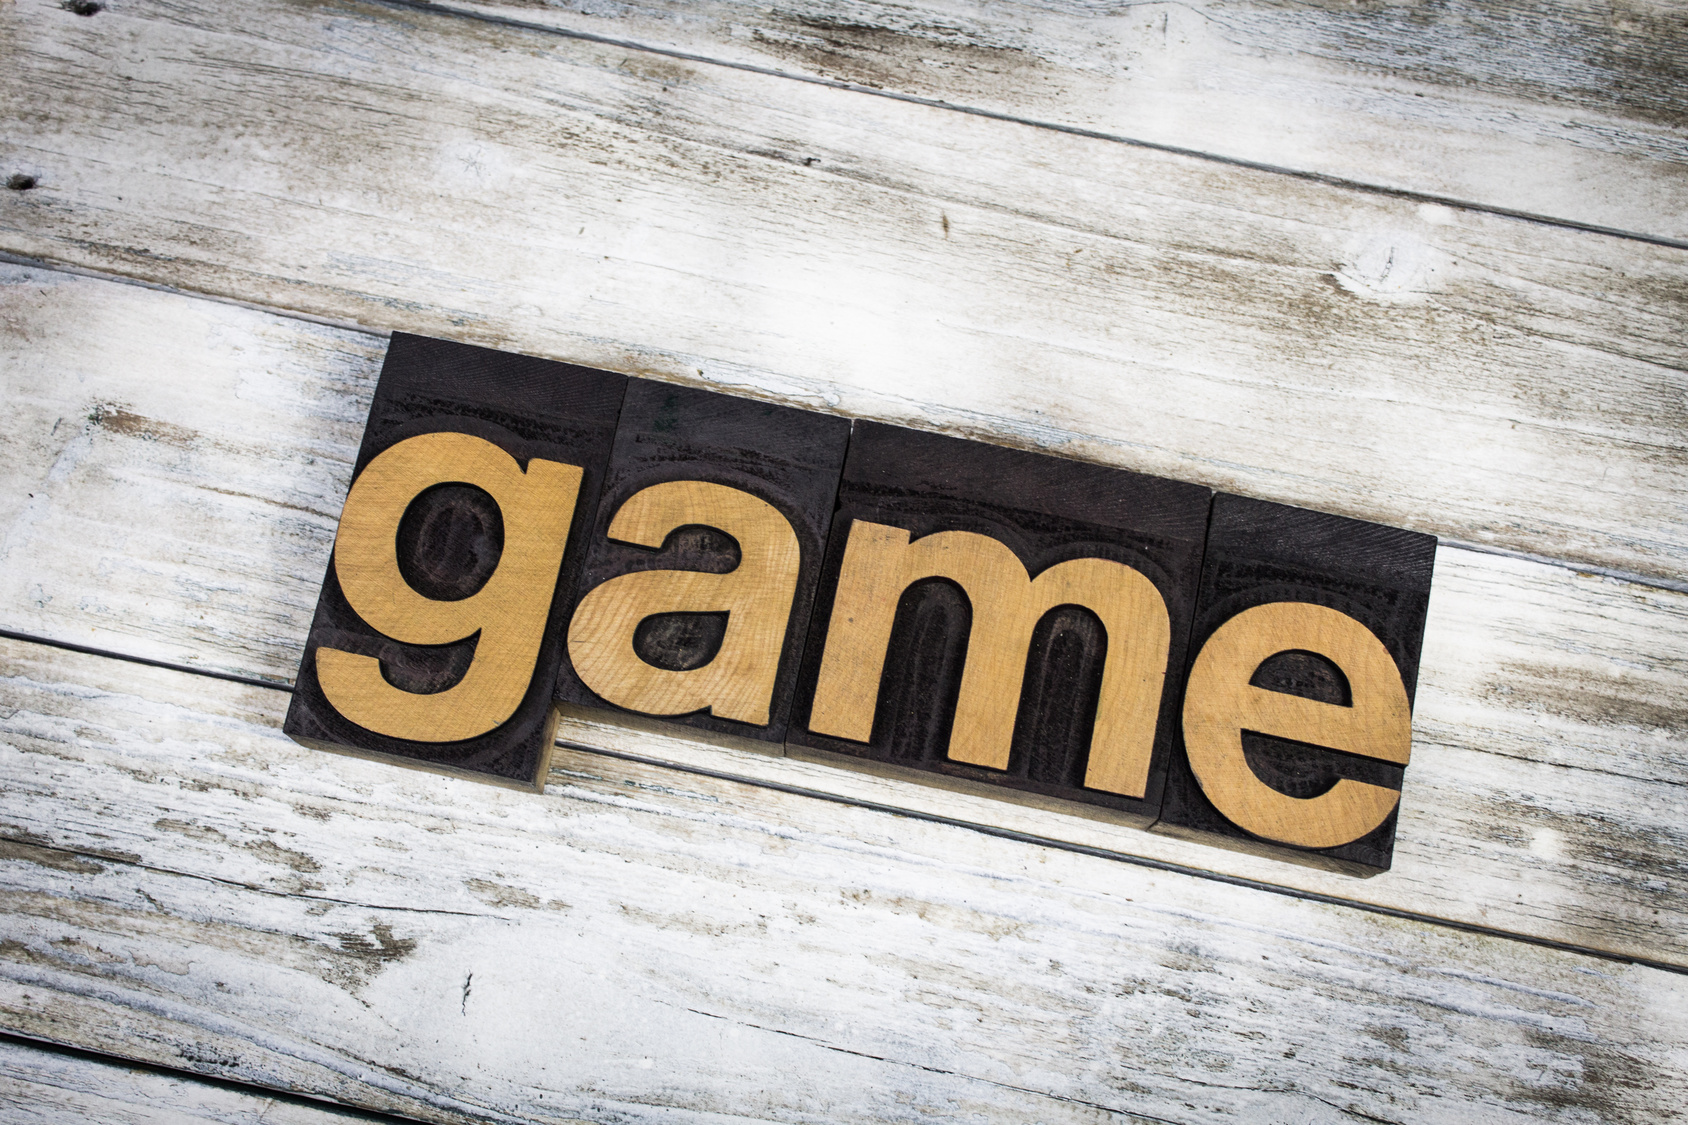 街コンレポート_木目の板の上にgameの文字板が置いてあります